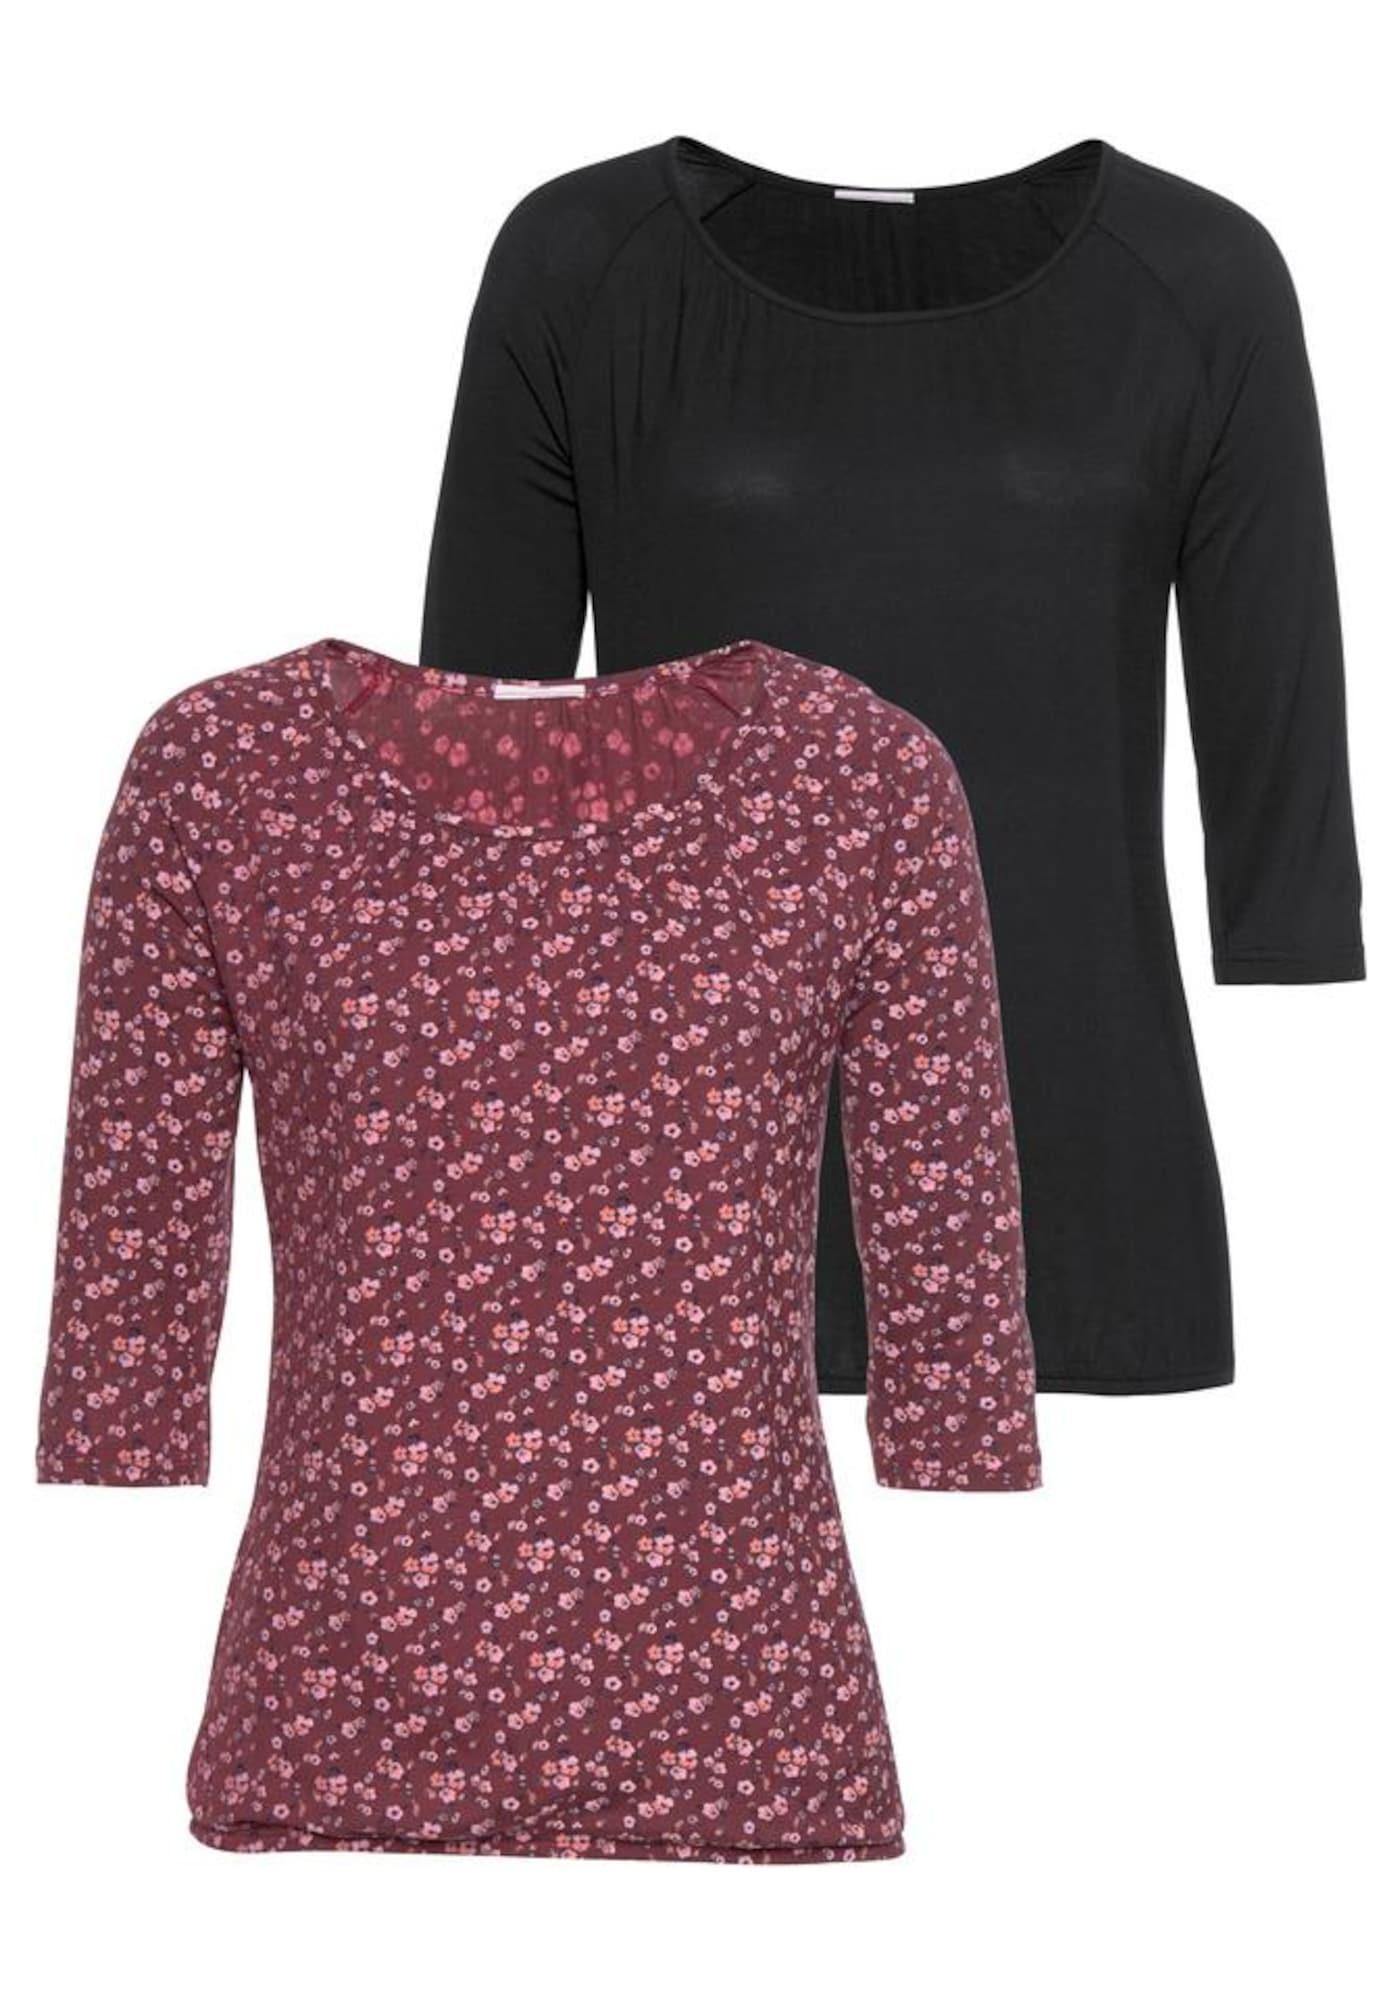 VIVANCE Marškinėliai pastelinė raudona / juoda